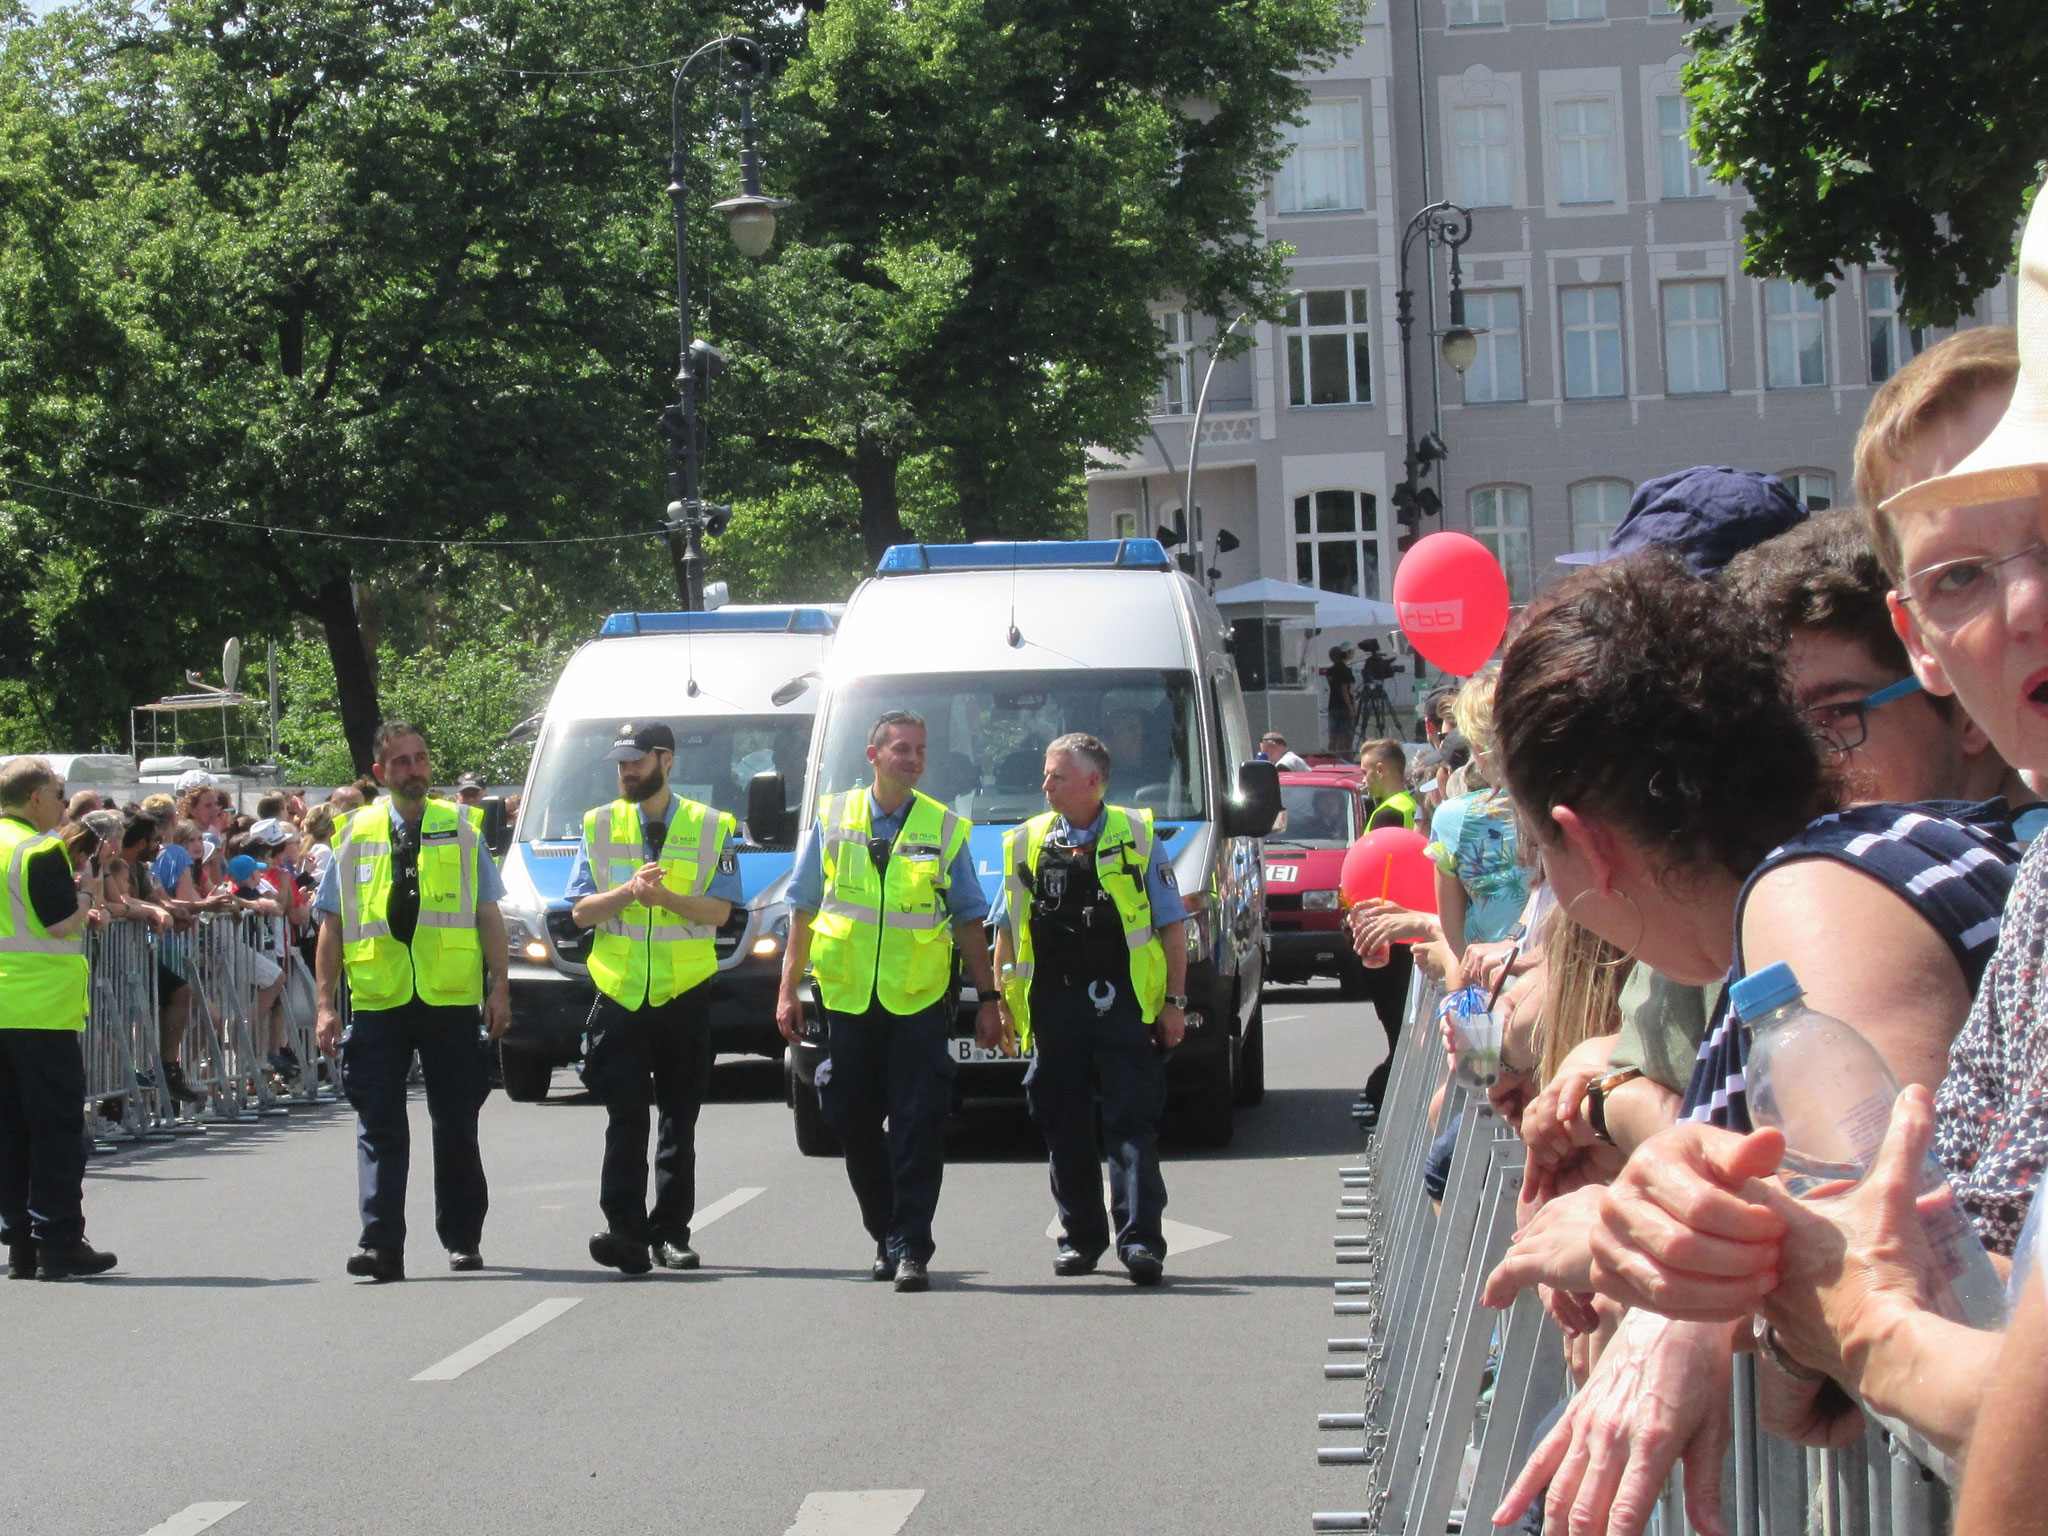 der Karneval der Kulturen beginnt mit einer spaßfreien Polizeiprozession, damit die Krawallos wissen, wo der Hammer hängt